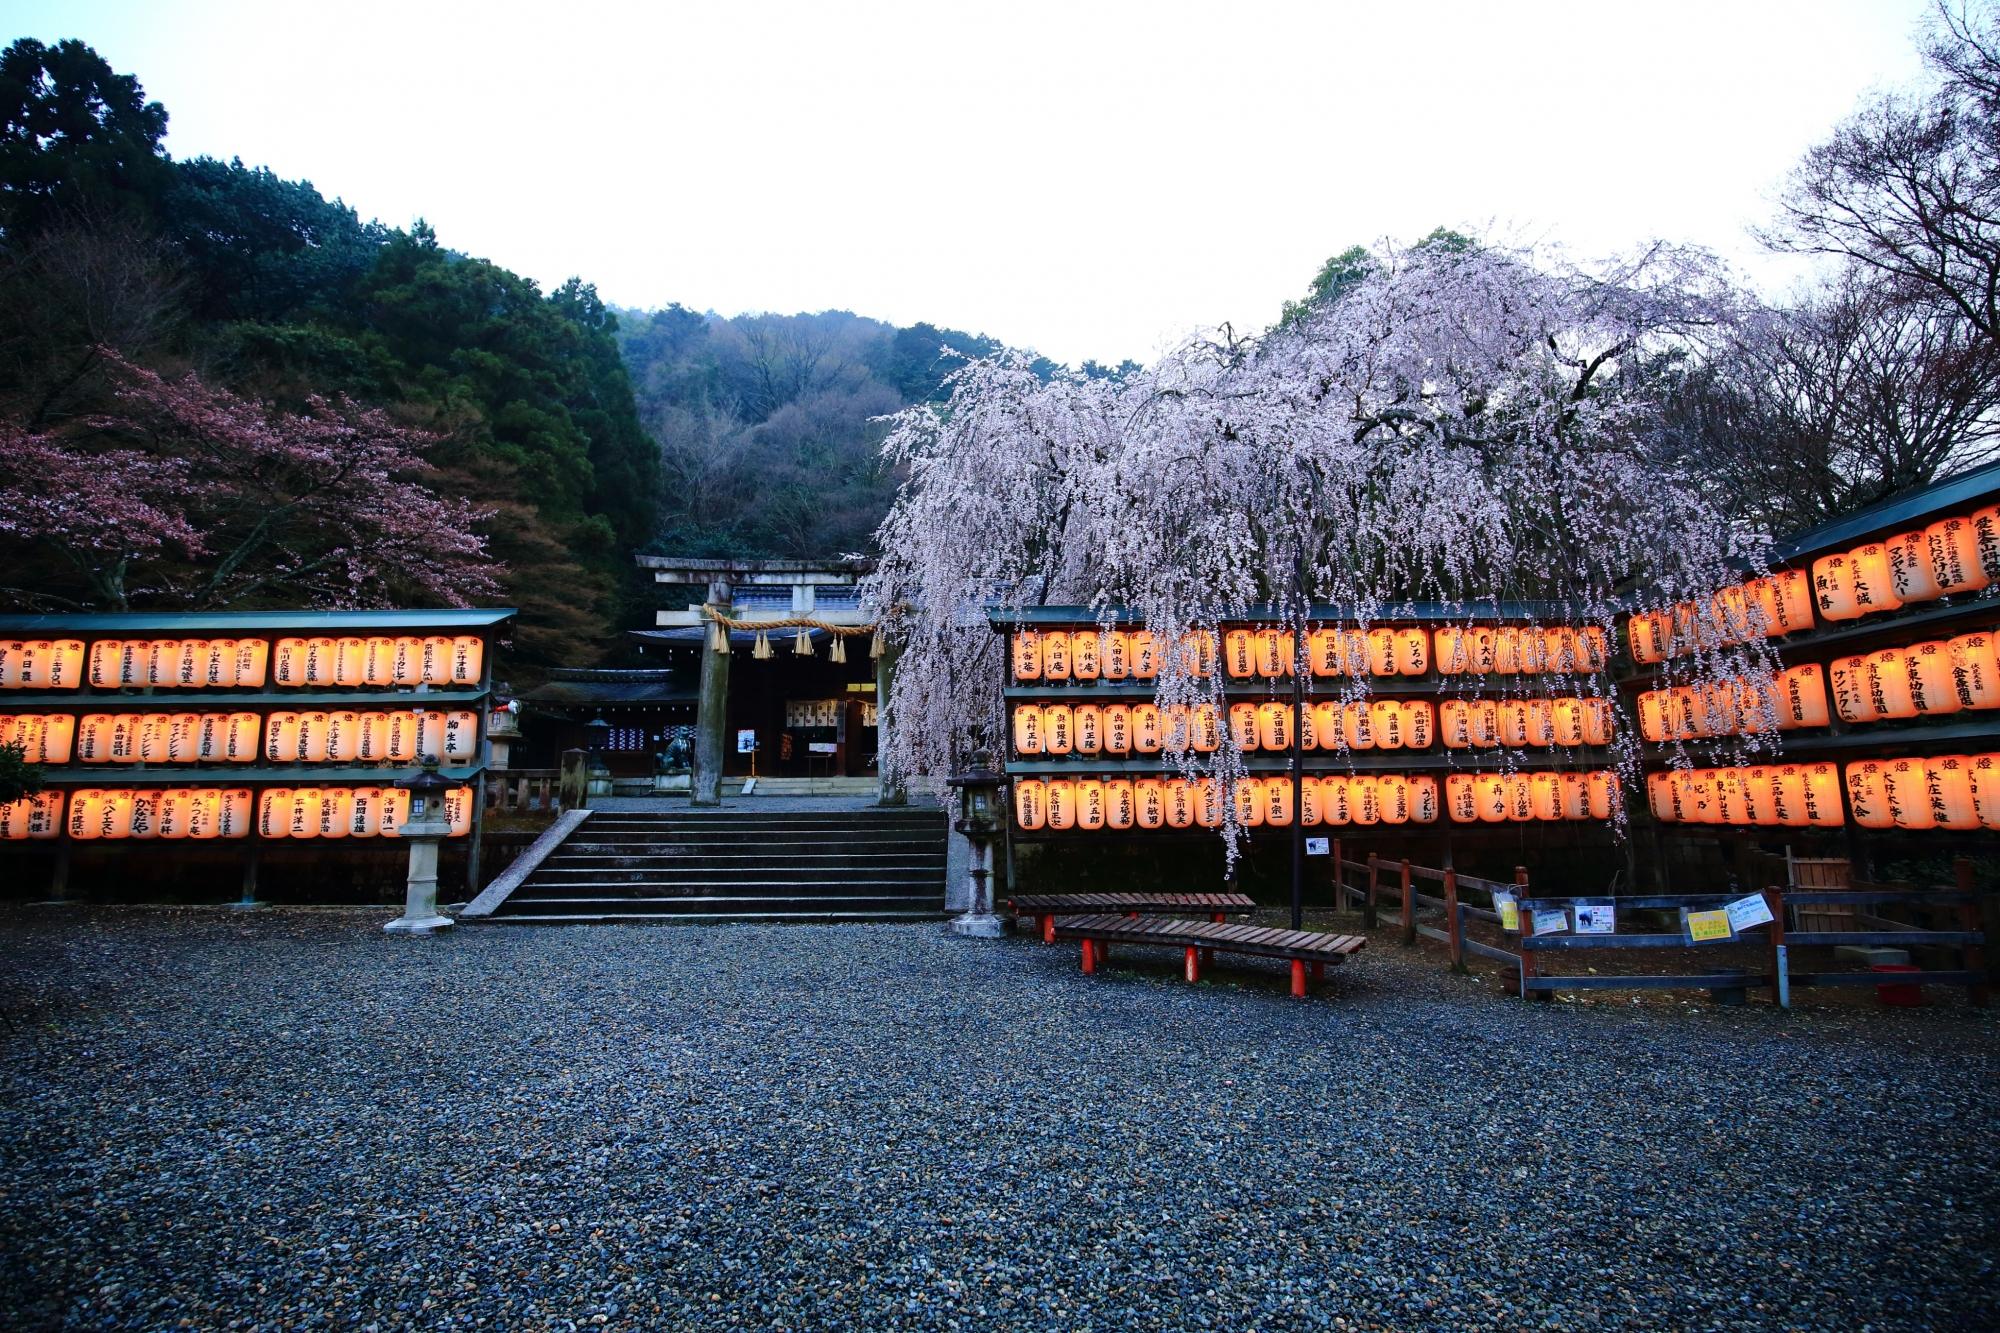 徐々に日が暮れ明りが目立つ駒形提灯と桜